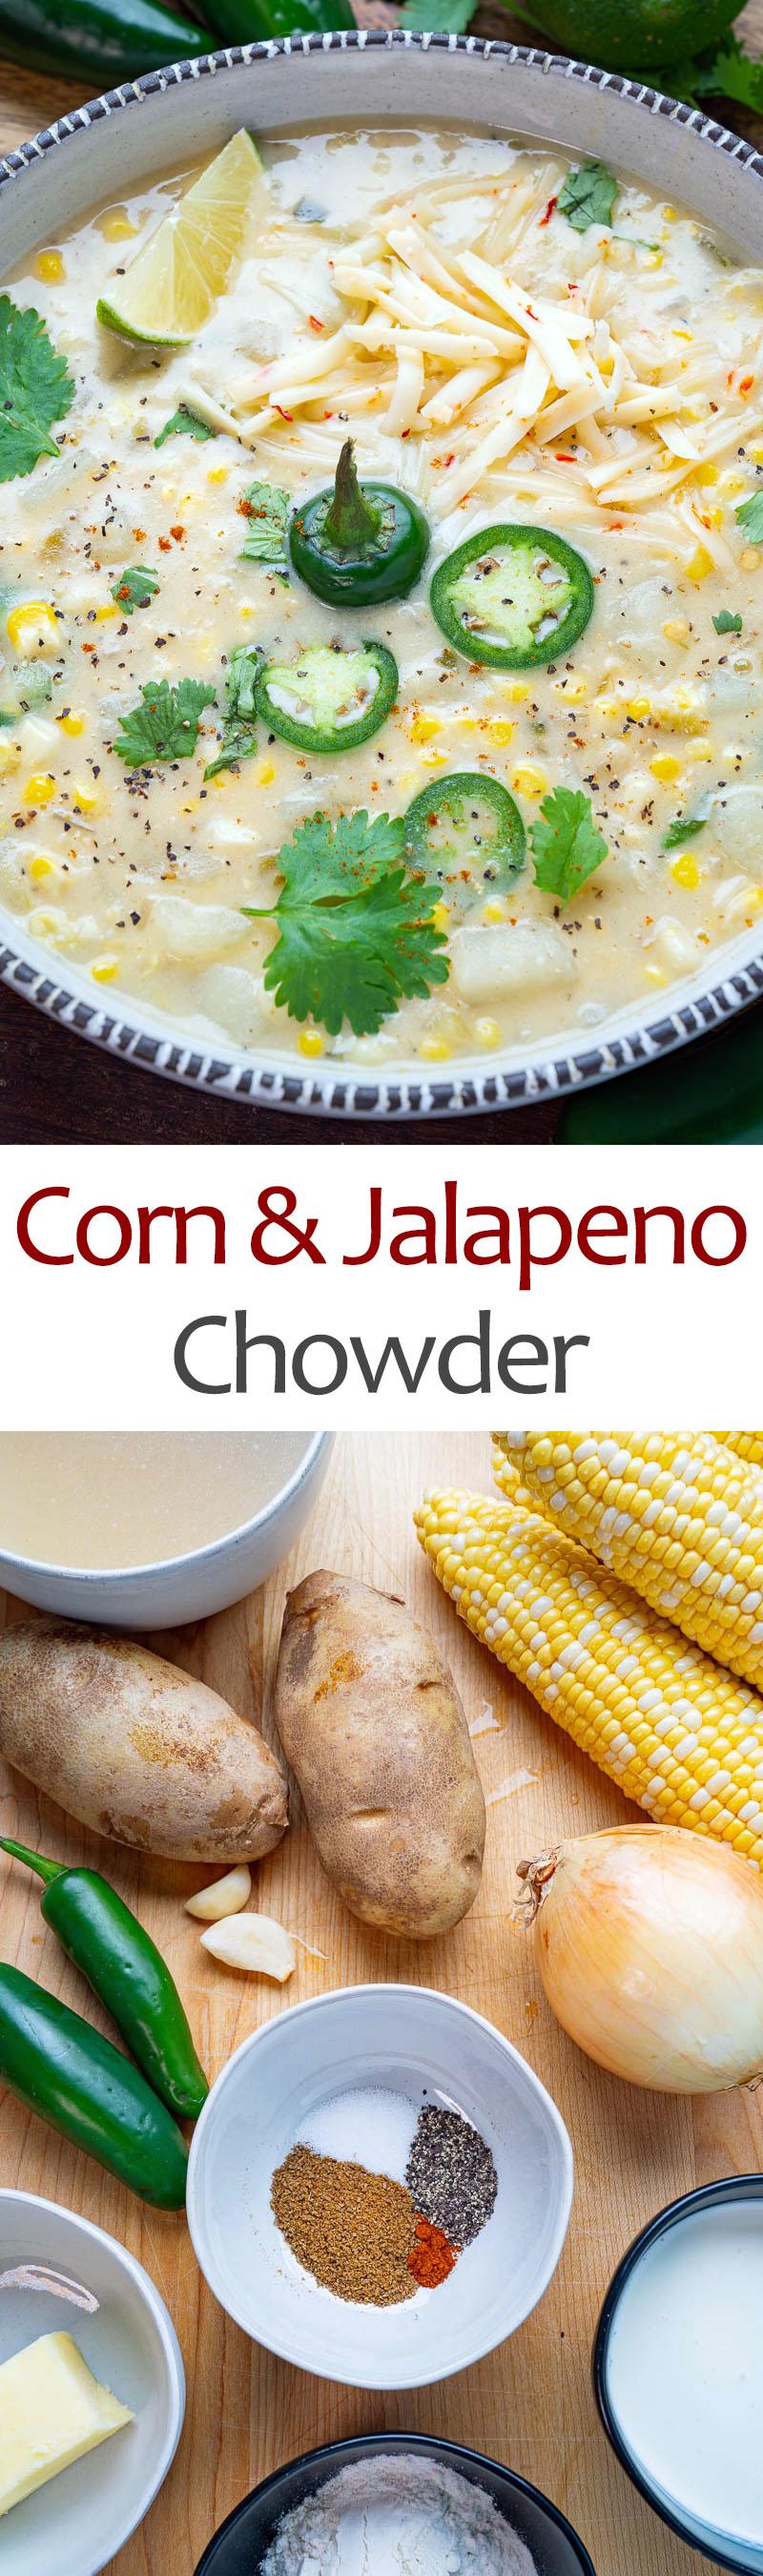 Corn and Jalapeno Chowder